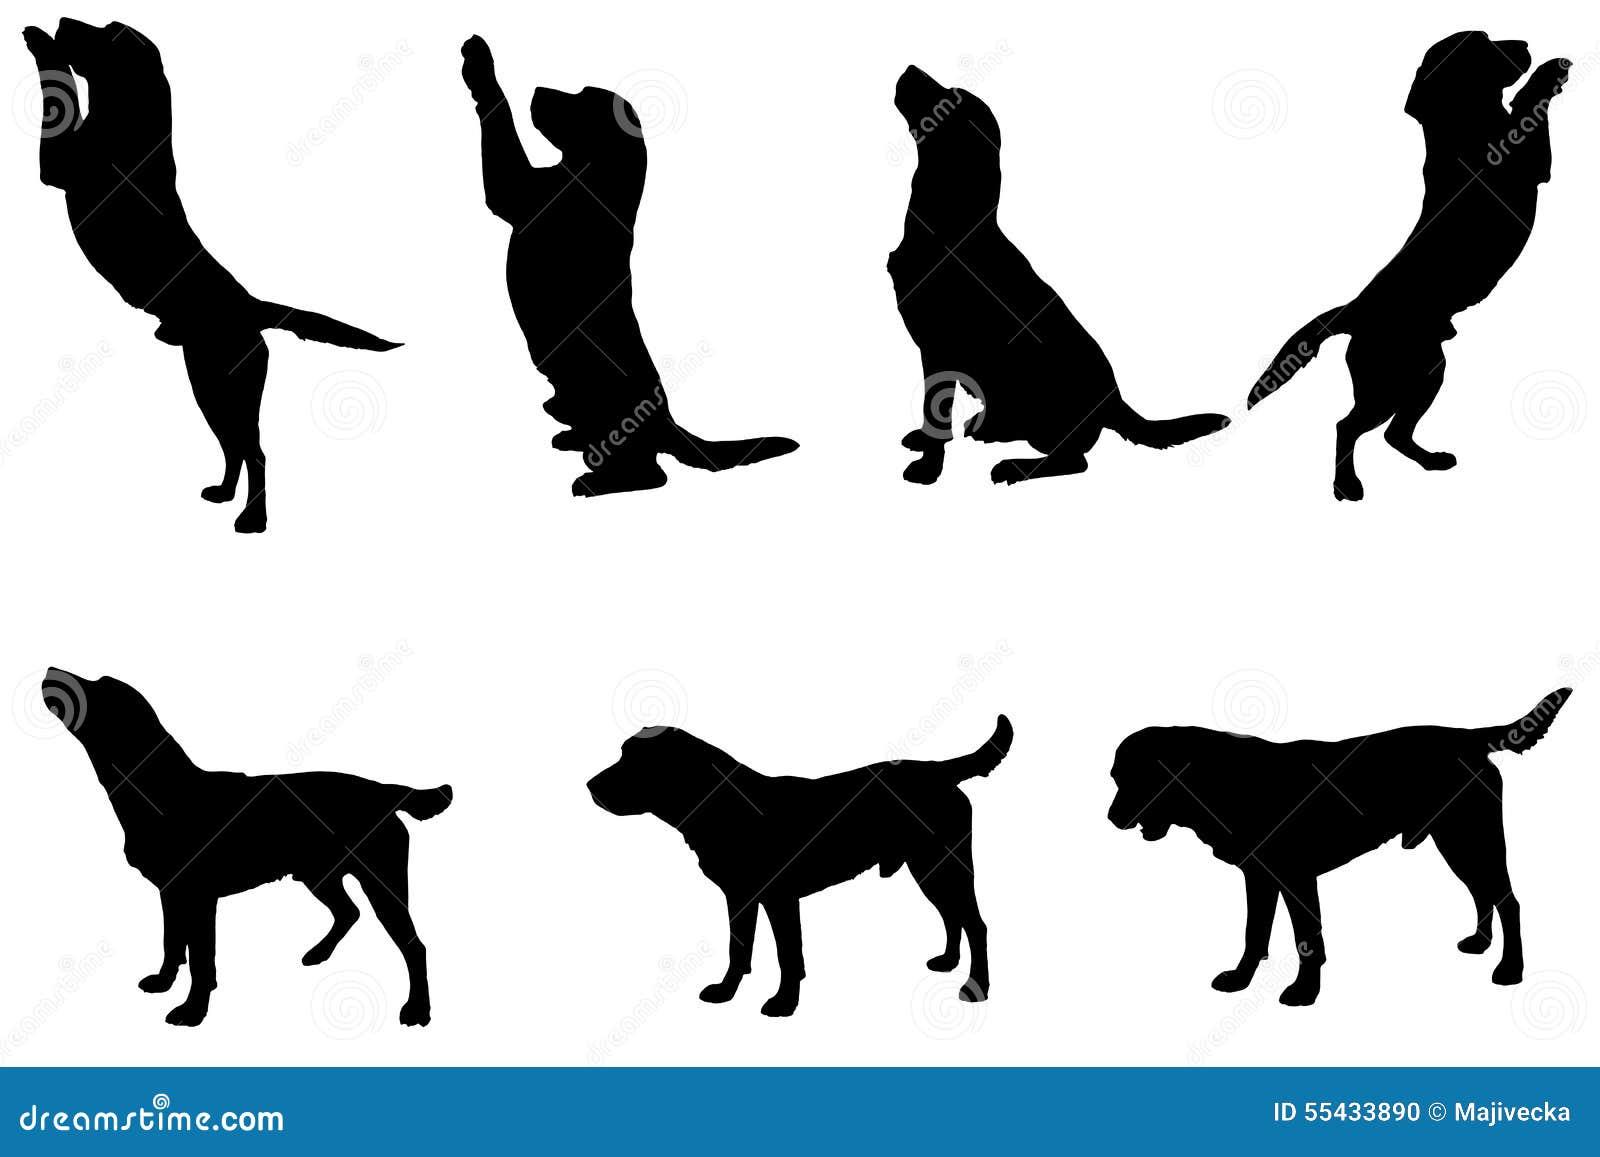 Silhouette de vecteur d 39 un chien illustration de vecteur - Dessin d un chien ...